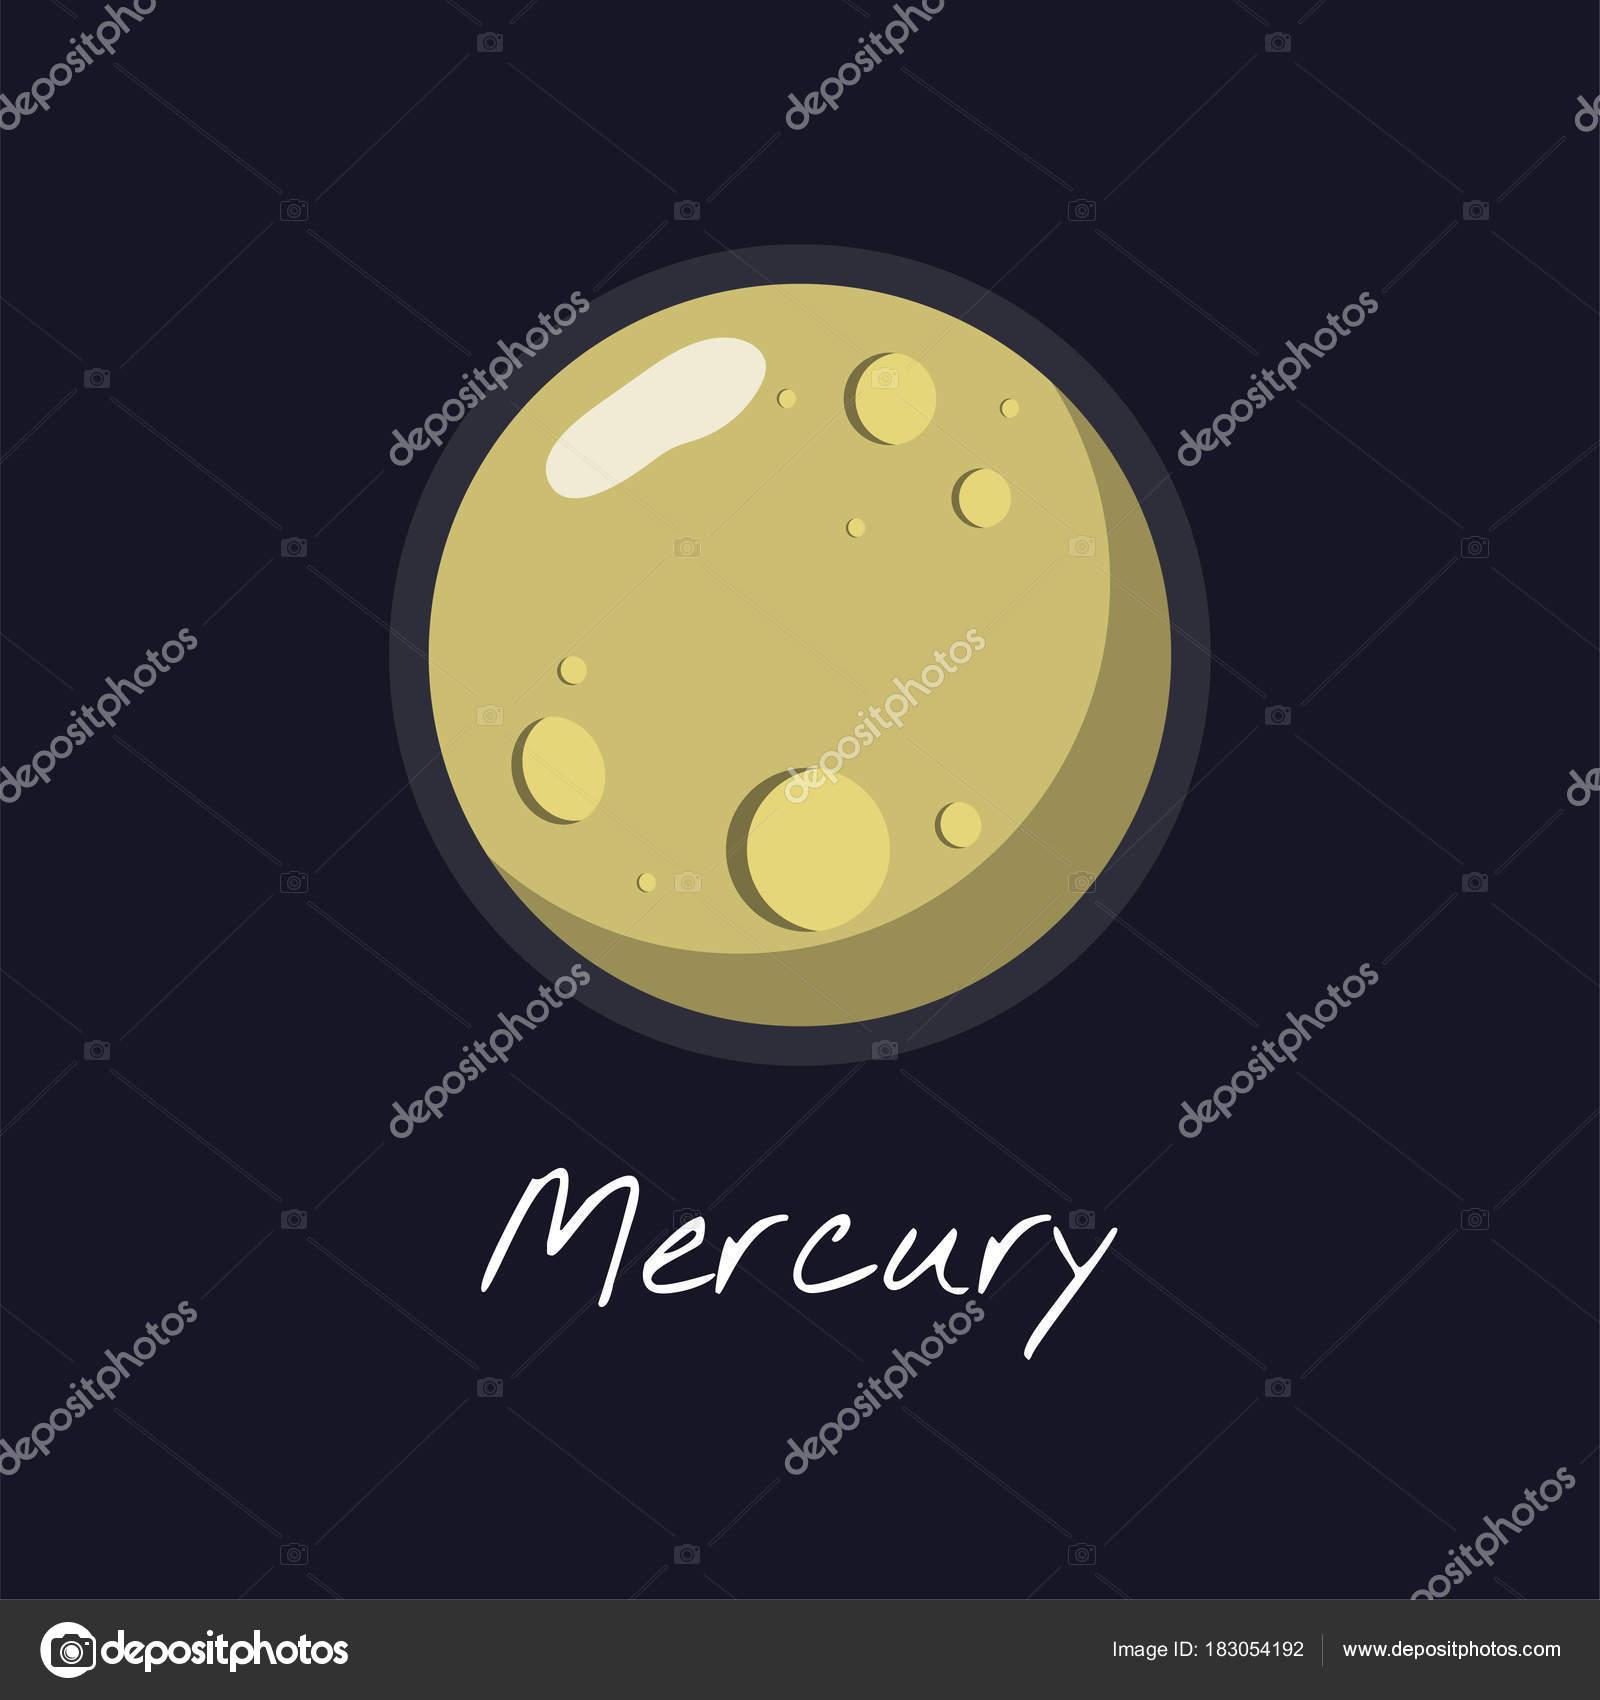 Colorida Ilustración Mercurio Para Educación — Fotos de Stock ...